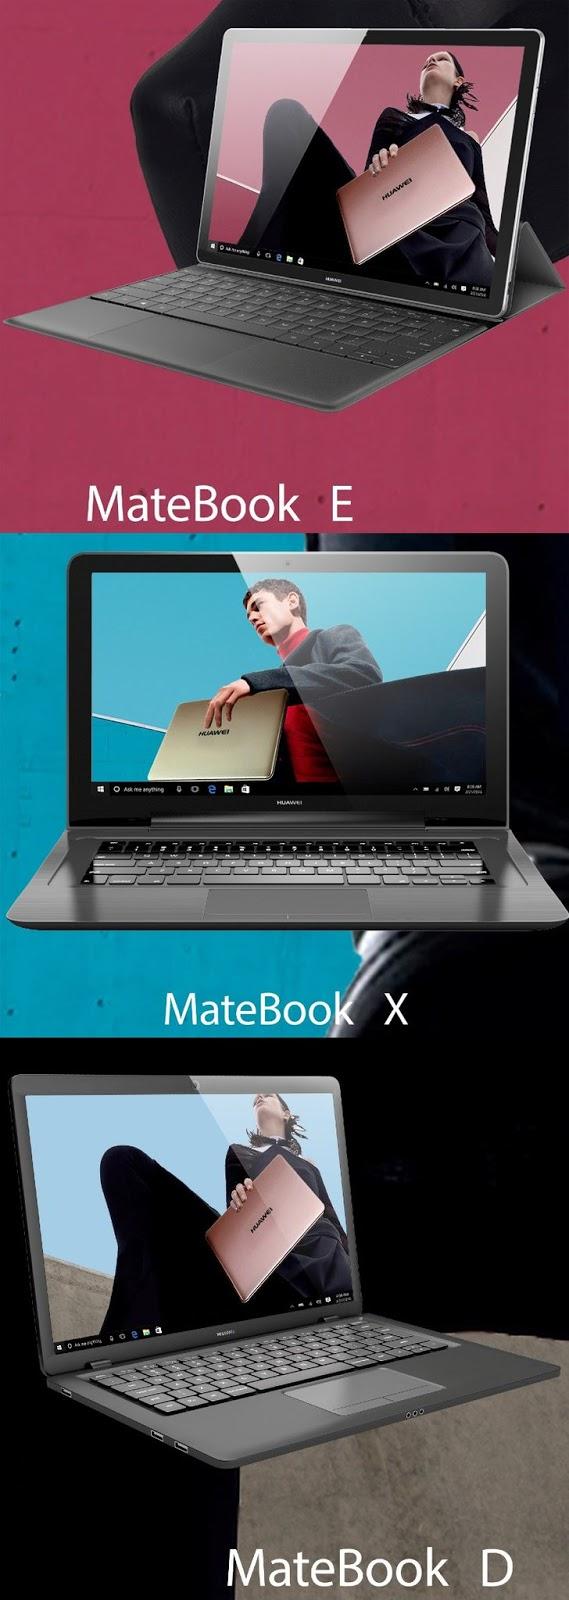 Lộ diện hình ảnh 3 mẫu MateBook mới của Huawei